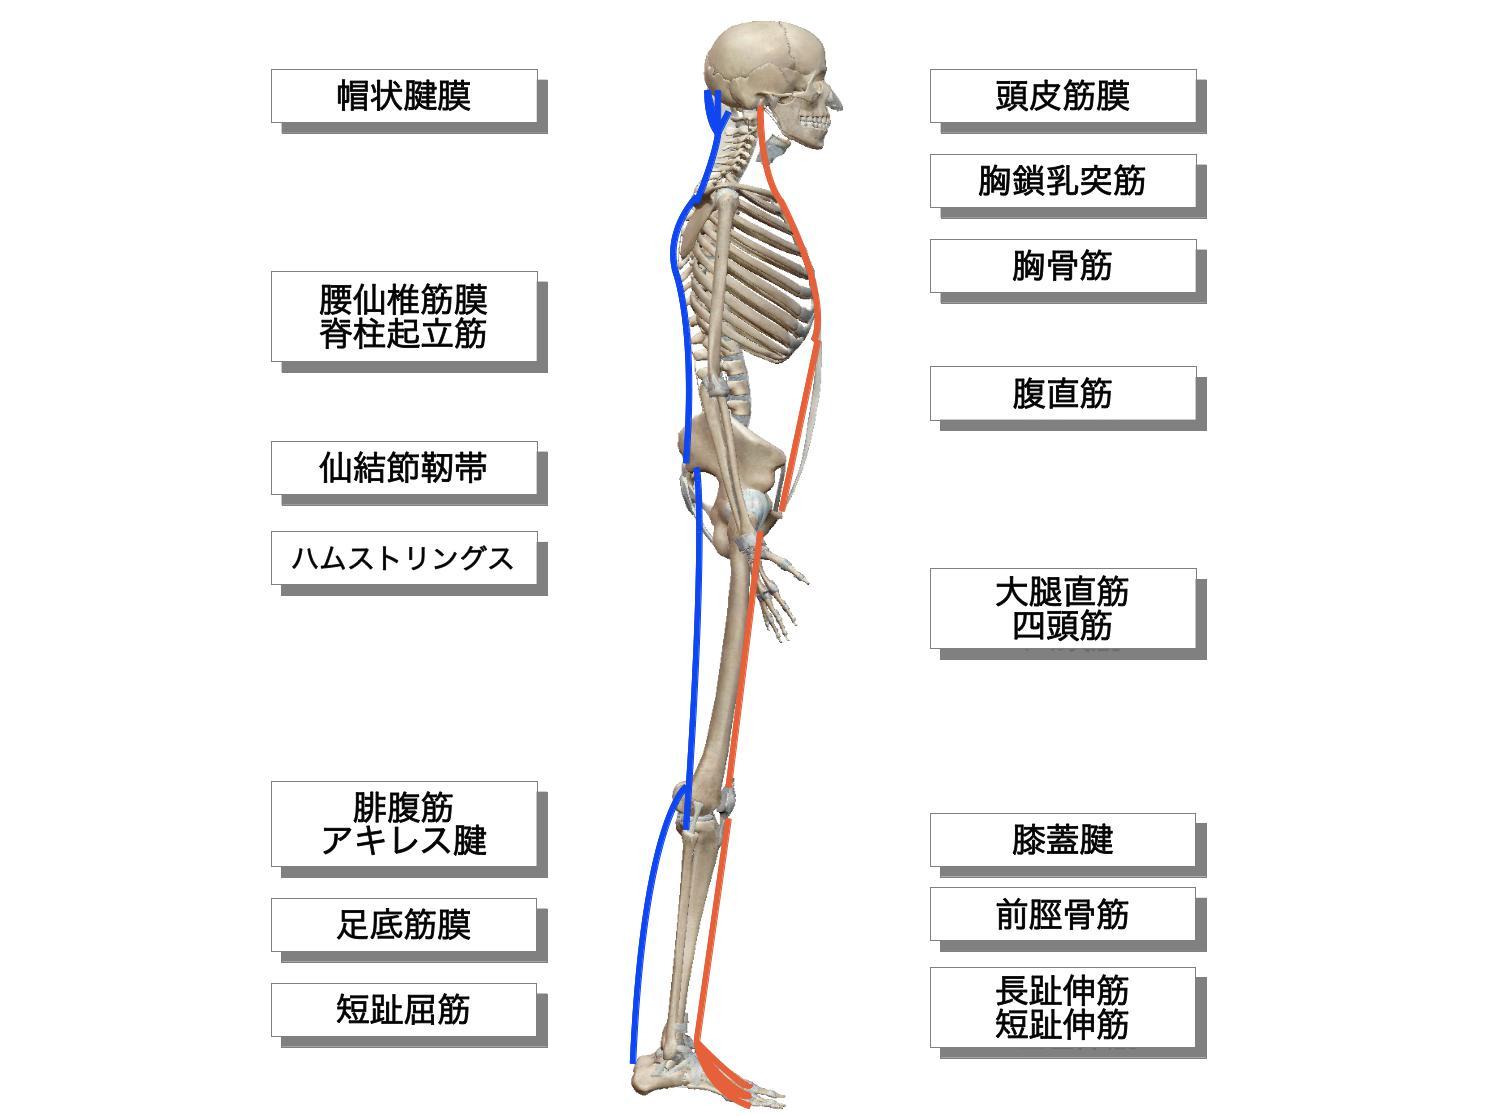 前面と後面の筋膜連結